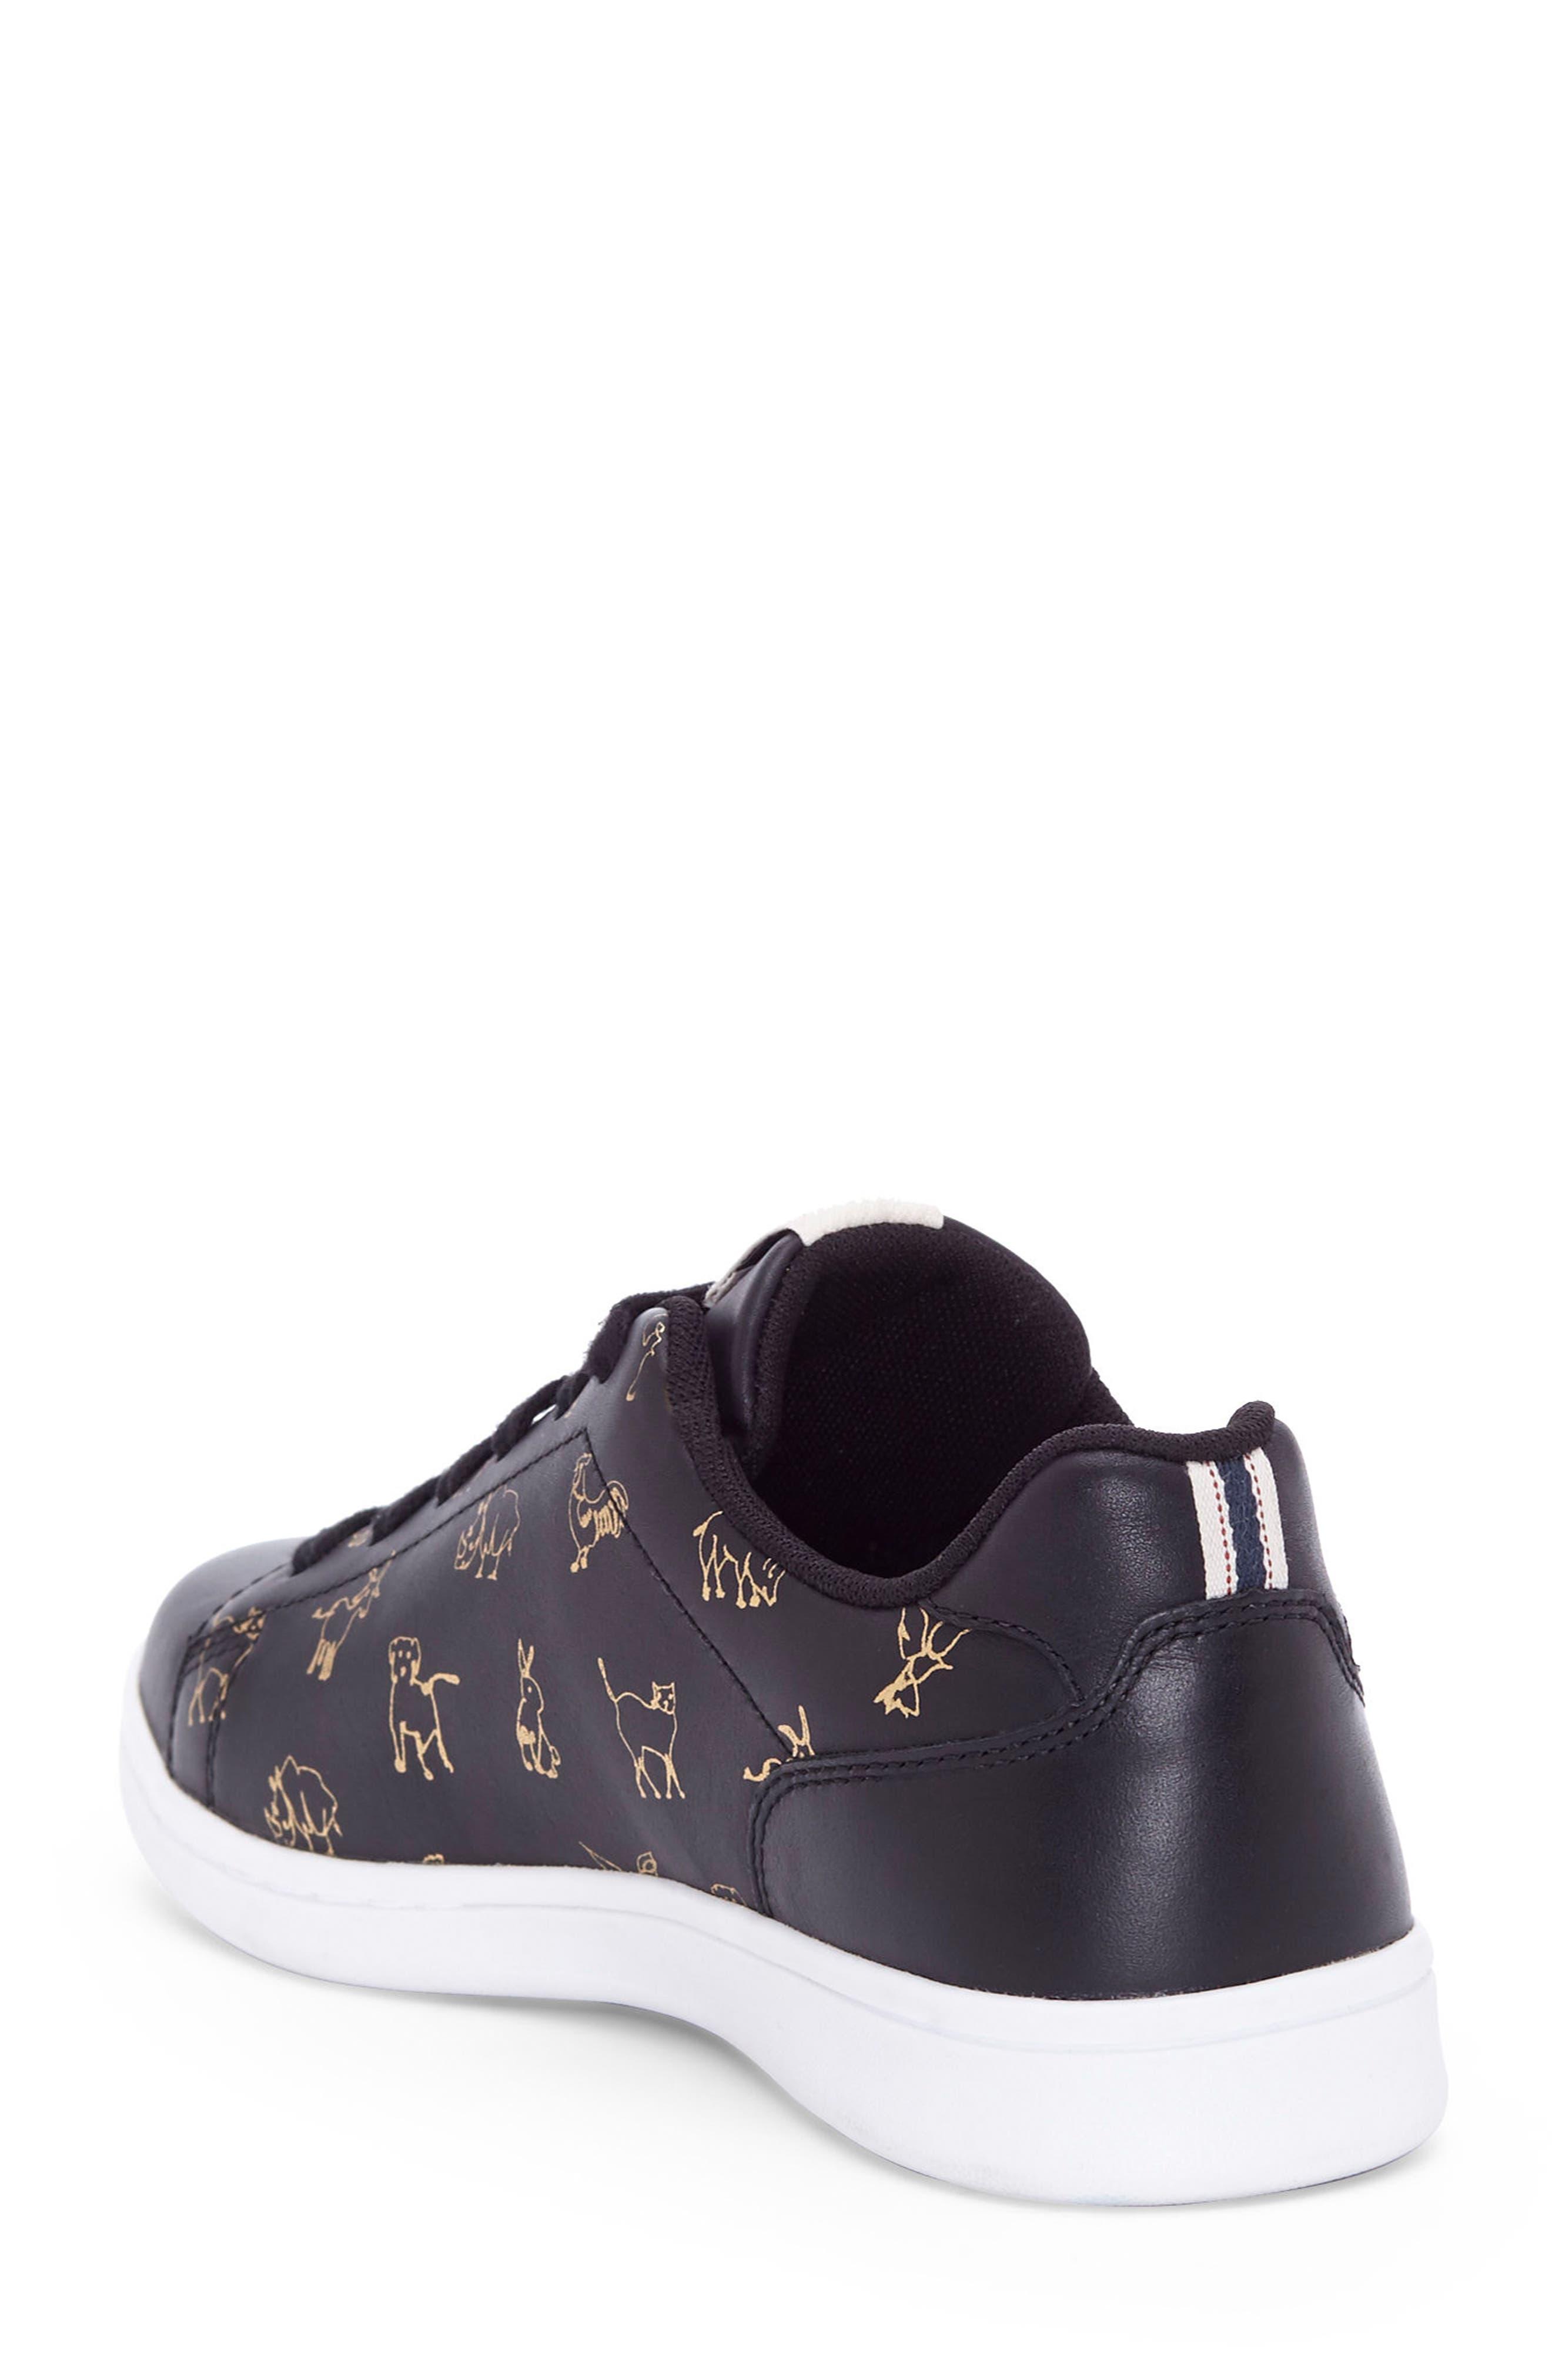 Chaboss Sneaker,                             Alternate thumbnail 2, color,                             002